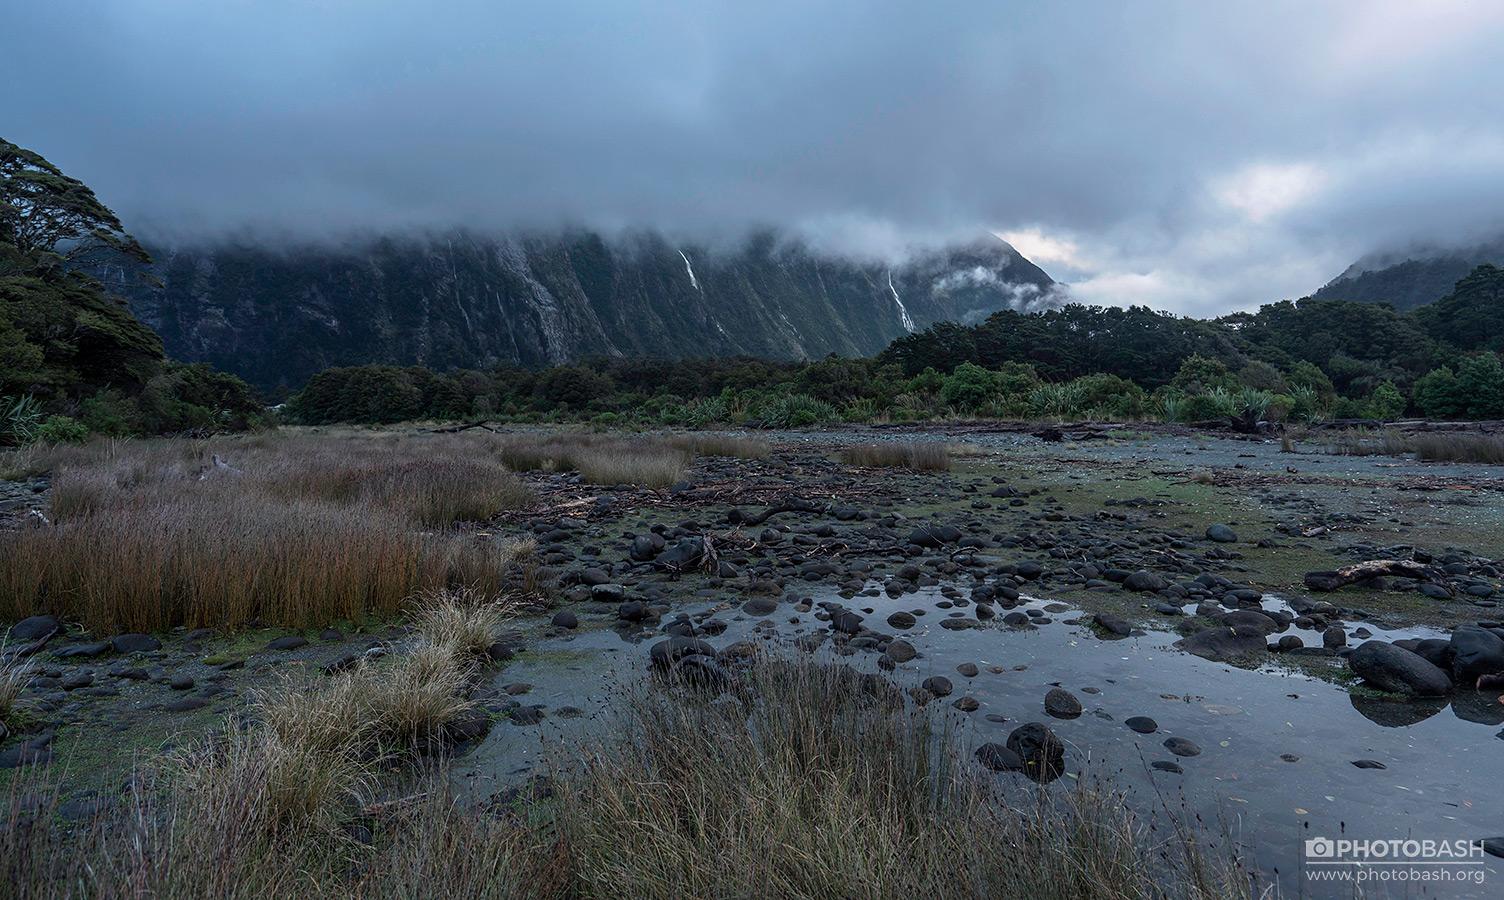 Misty-Lagoon-Dark-Lake-Ground-Texture.jpg